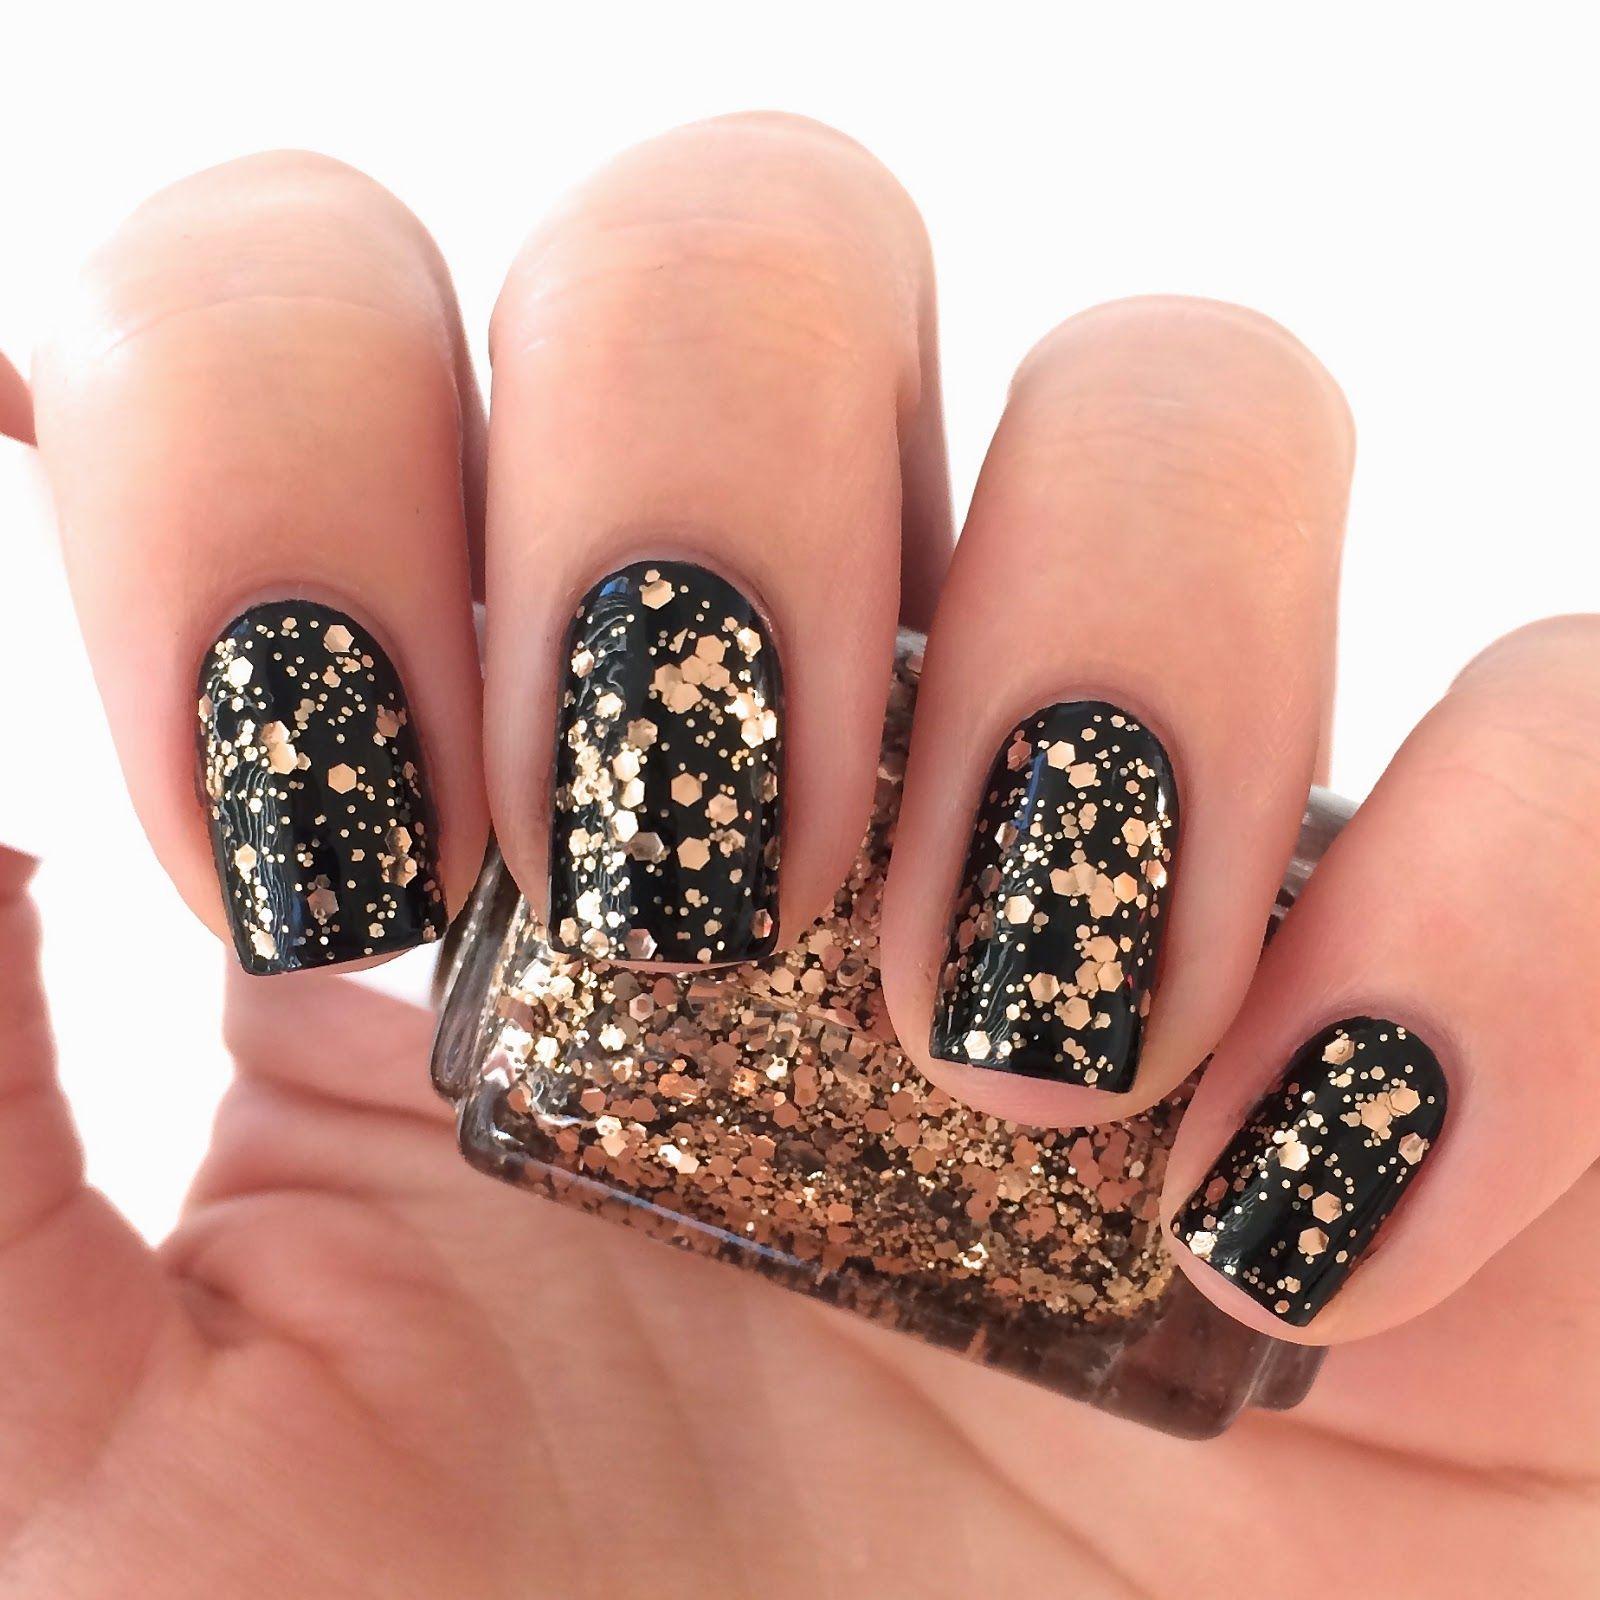 Essie nail polish - summit of style | Nagellack und Nagelschere